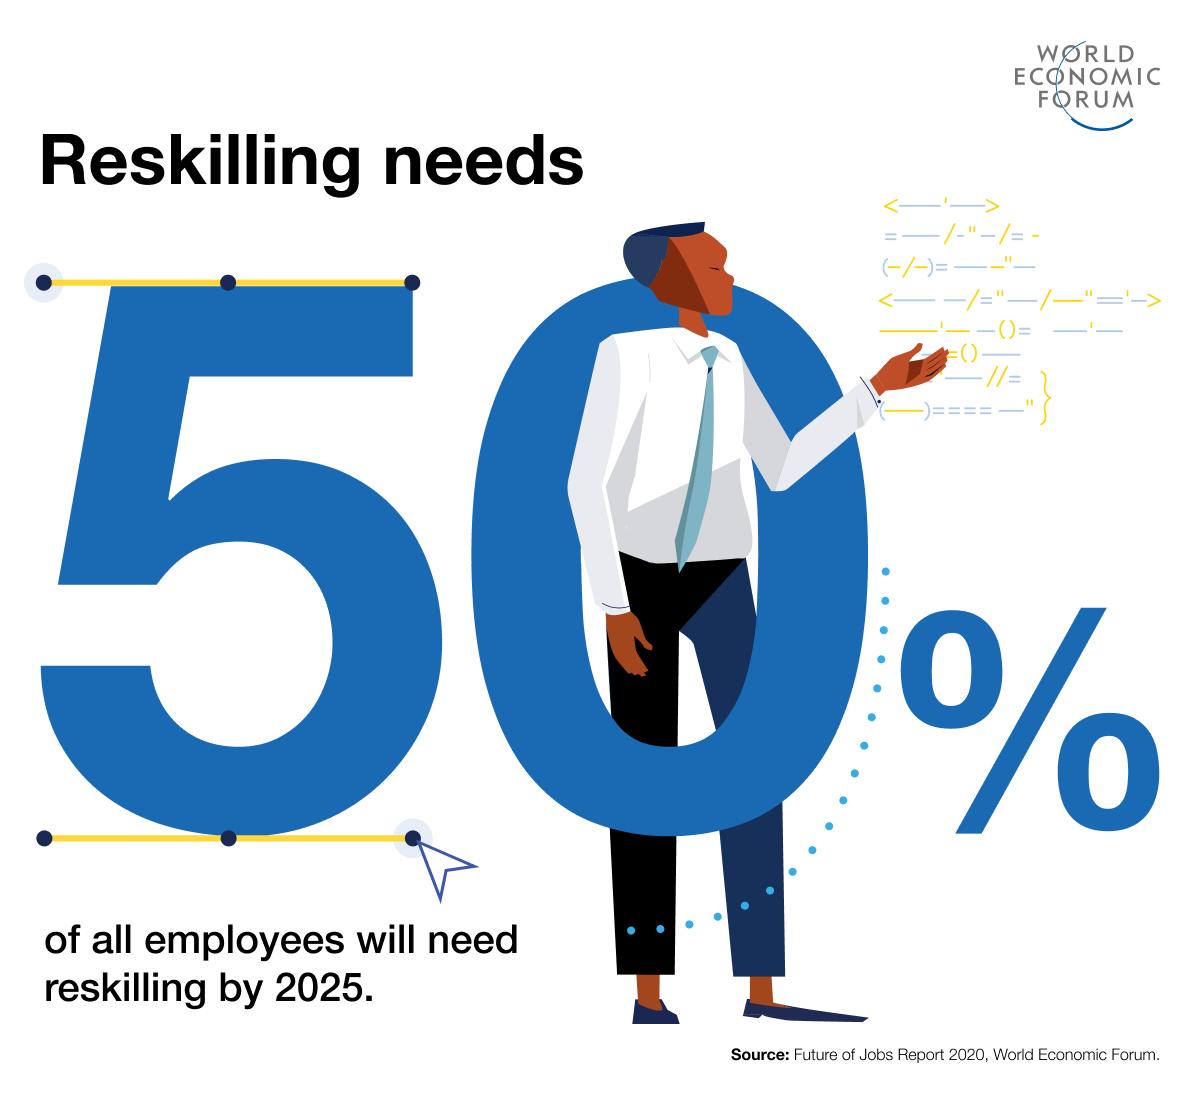 La mitad de los empleados tendrán que volver a formarse en los próximos cinco años.